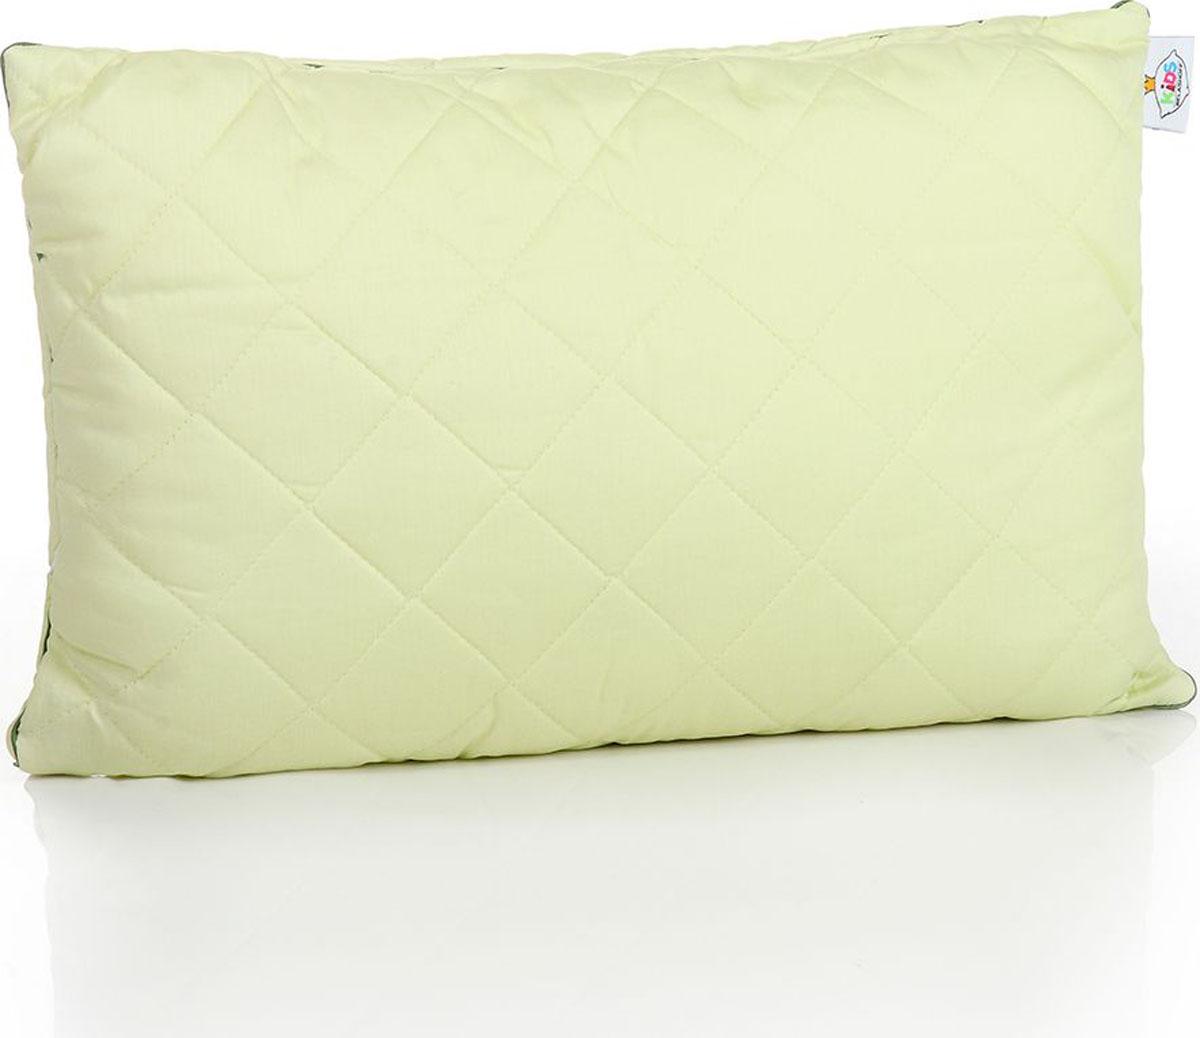 Belashoff Kids Подушка детская Наша Радость цвет зеленый 50 x 70 см - Детский текстиль